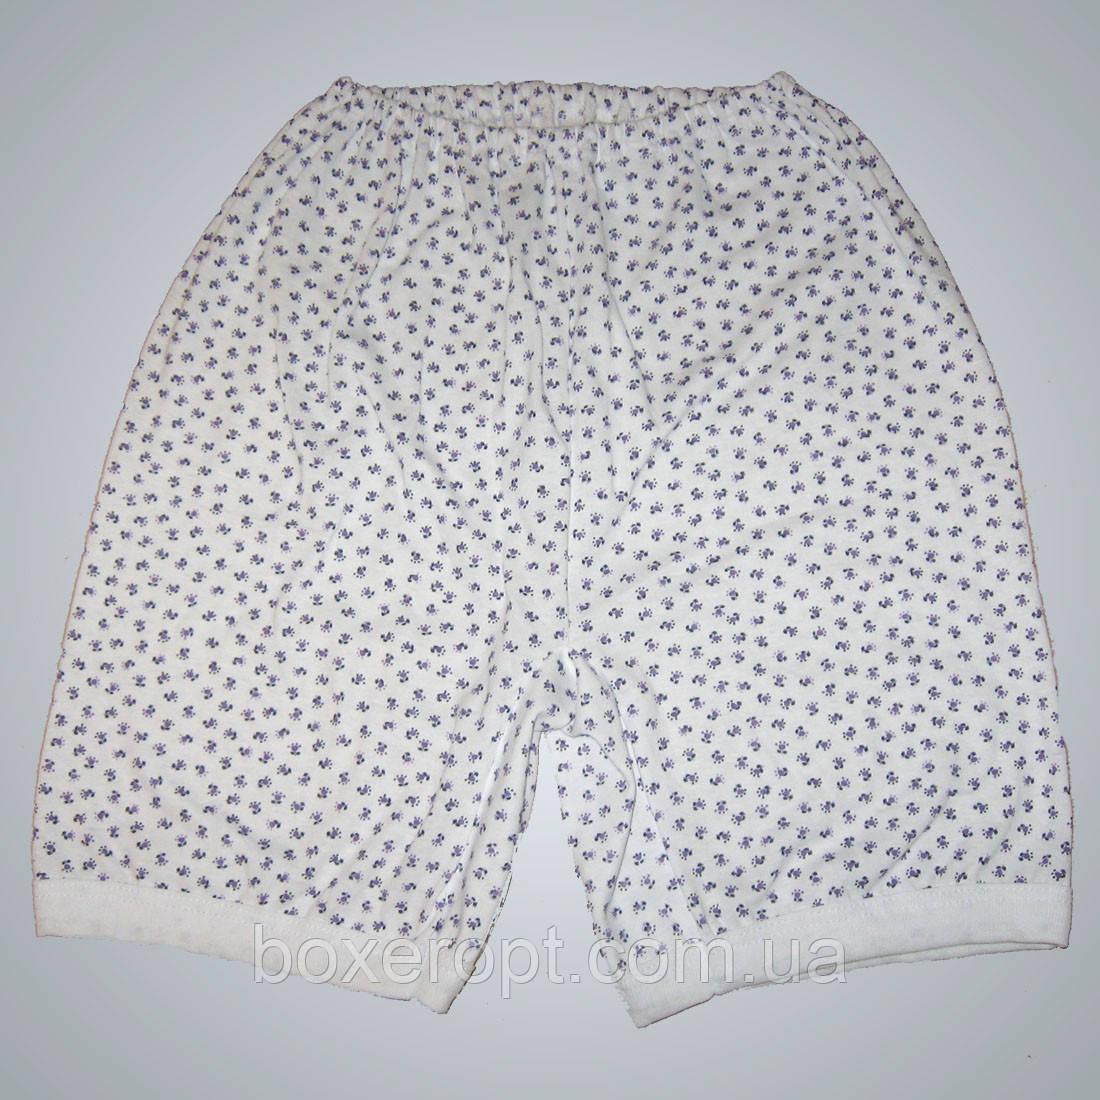 Панталоны женские трикотажные (поштучно)